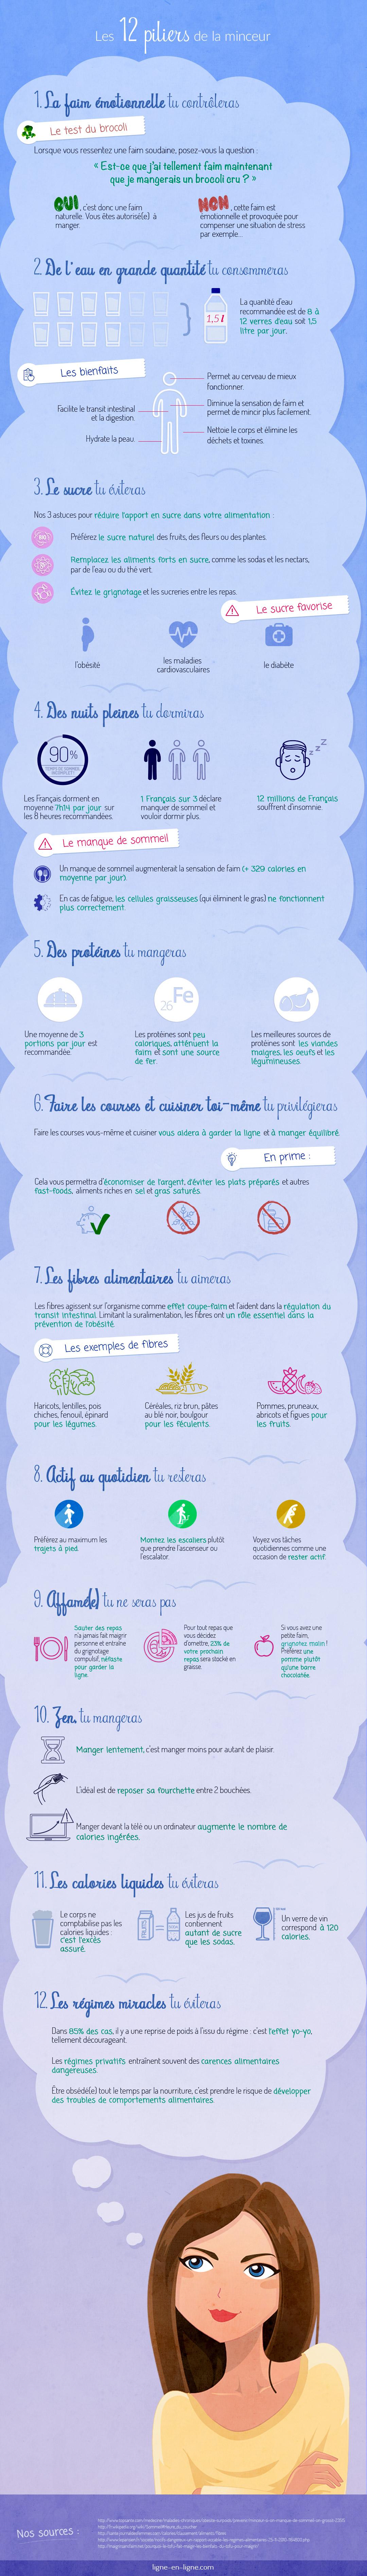 12 pilliers minceur infographie